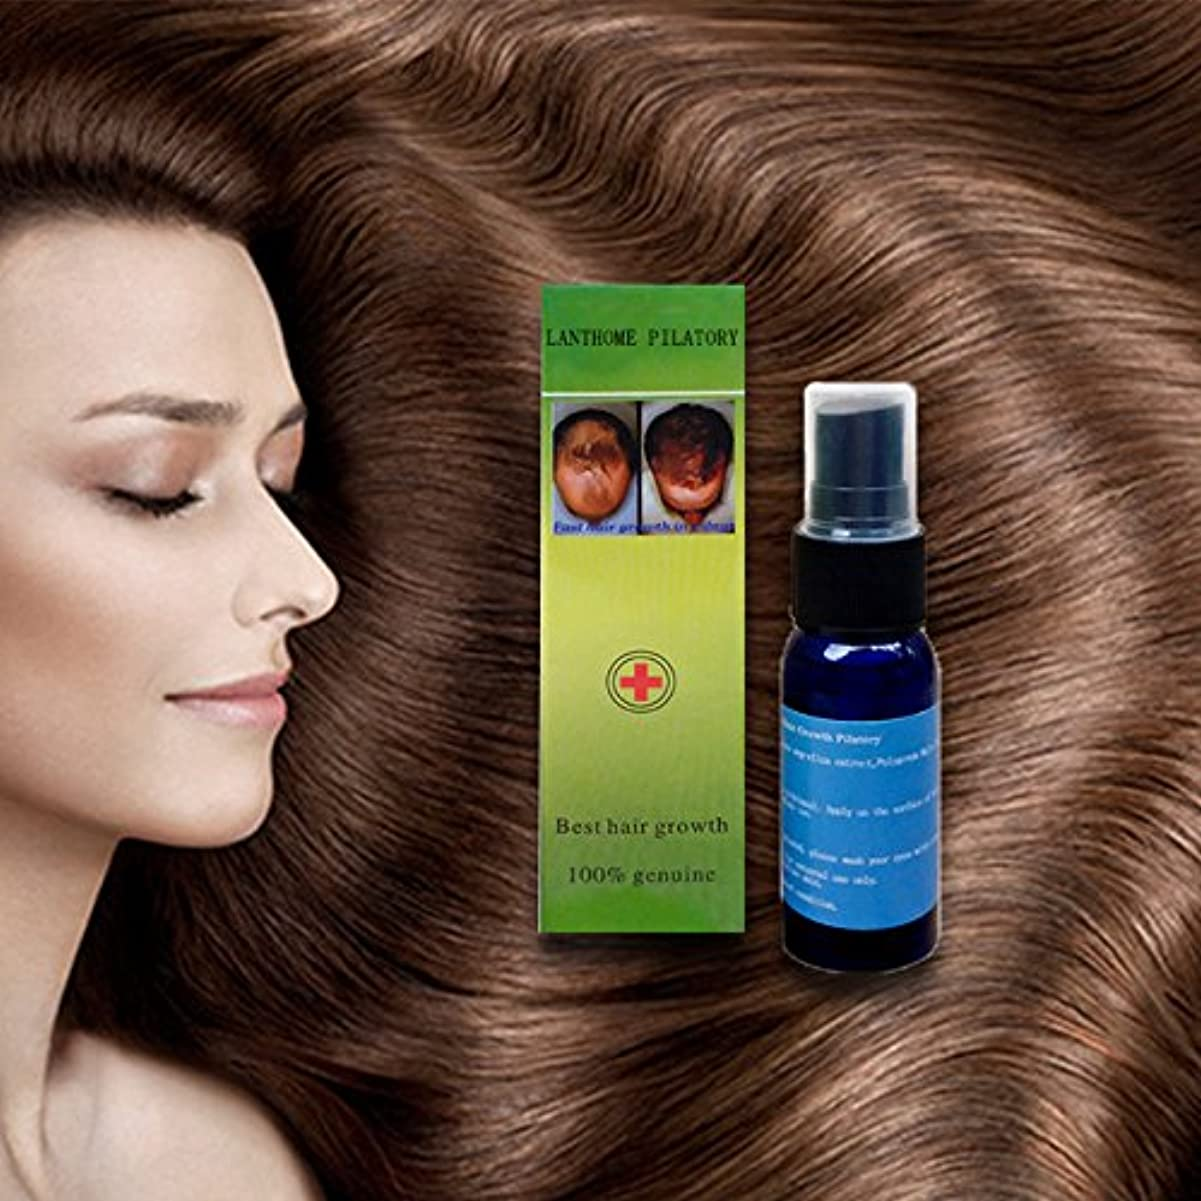 北米相互決して5ピースx 30ミリリットルラントーム高速育毛増粘剤エッセンス抗抜け毛治療液体再成長血清ユニセックス用男性と女性 (5Pcs X 30ML Lanthome Fast Hair Growth Thickener Essence Anti-Hair Loss Treatment Liquid Regrowth Serum Unisex For men and women)